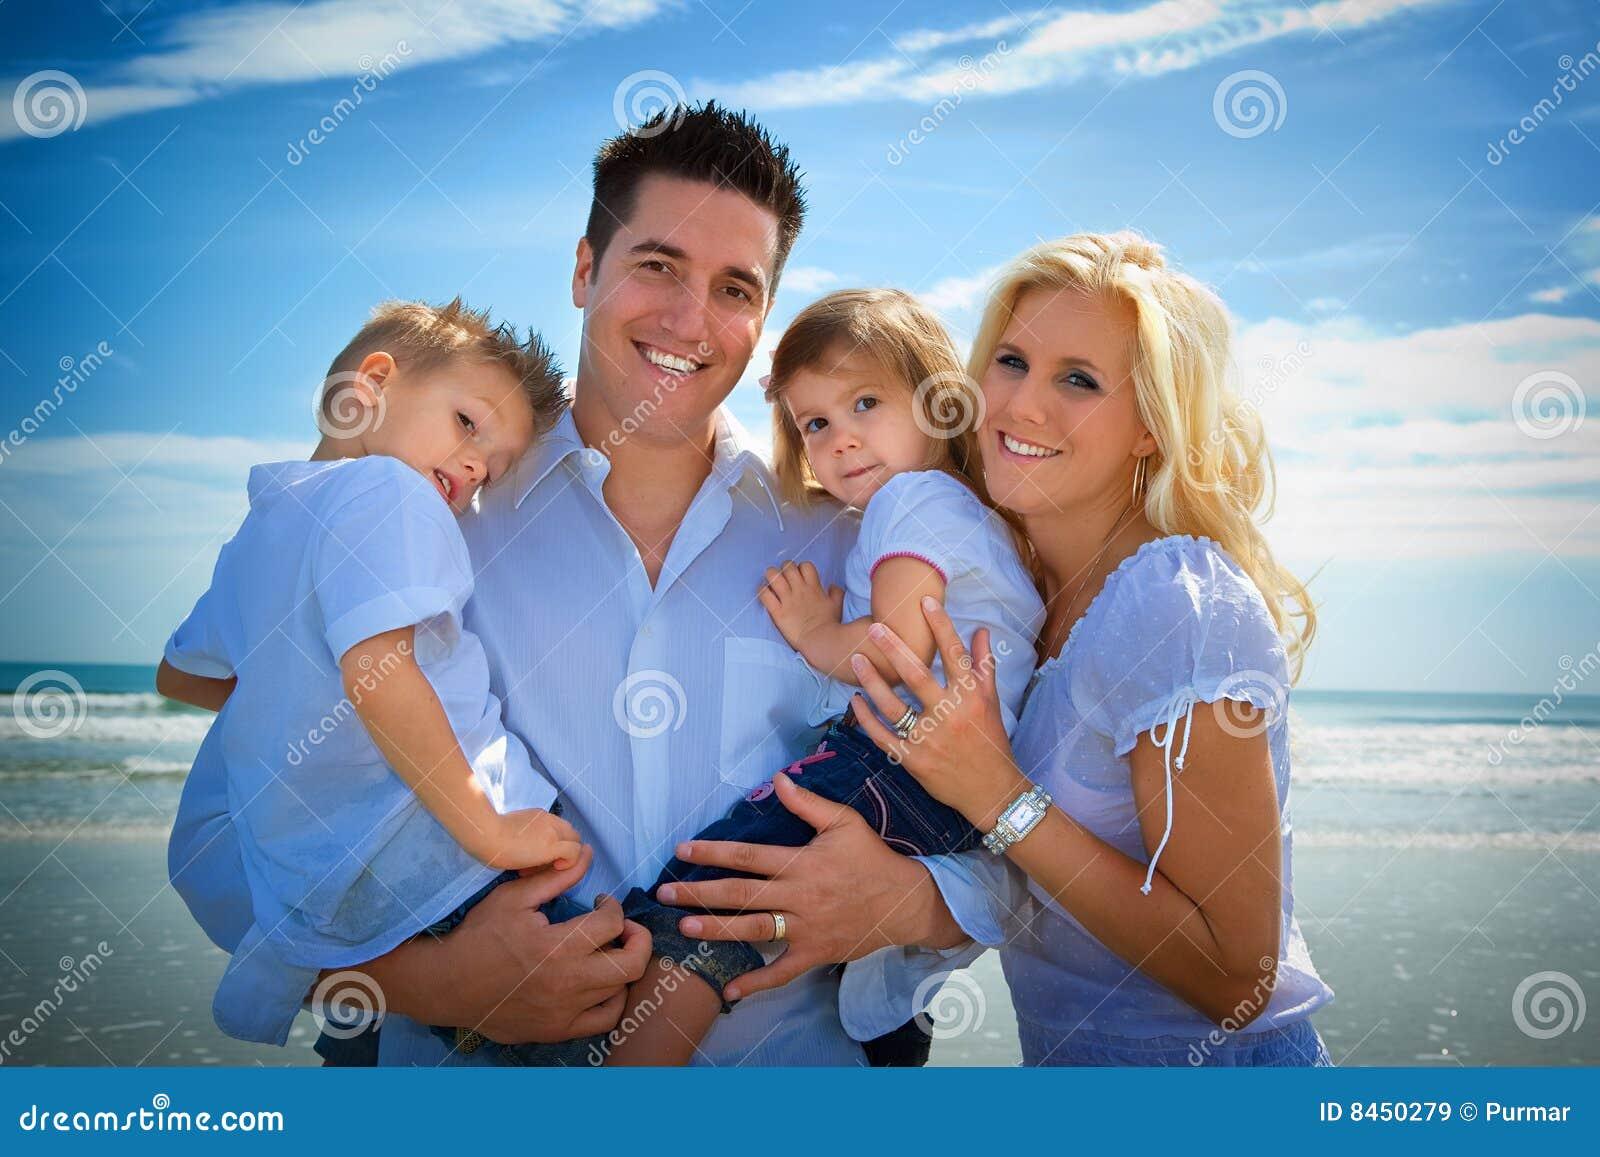 Фото семейного отдыха натуралистов 5 фотография